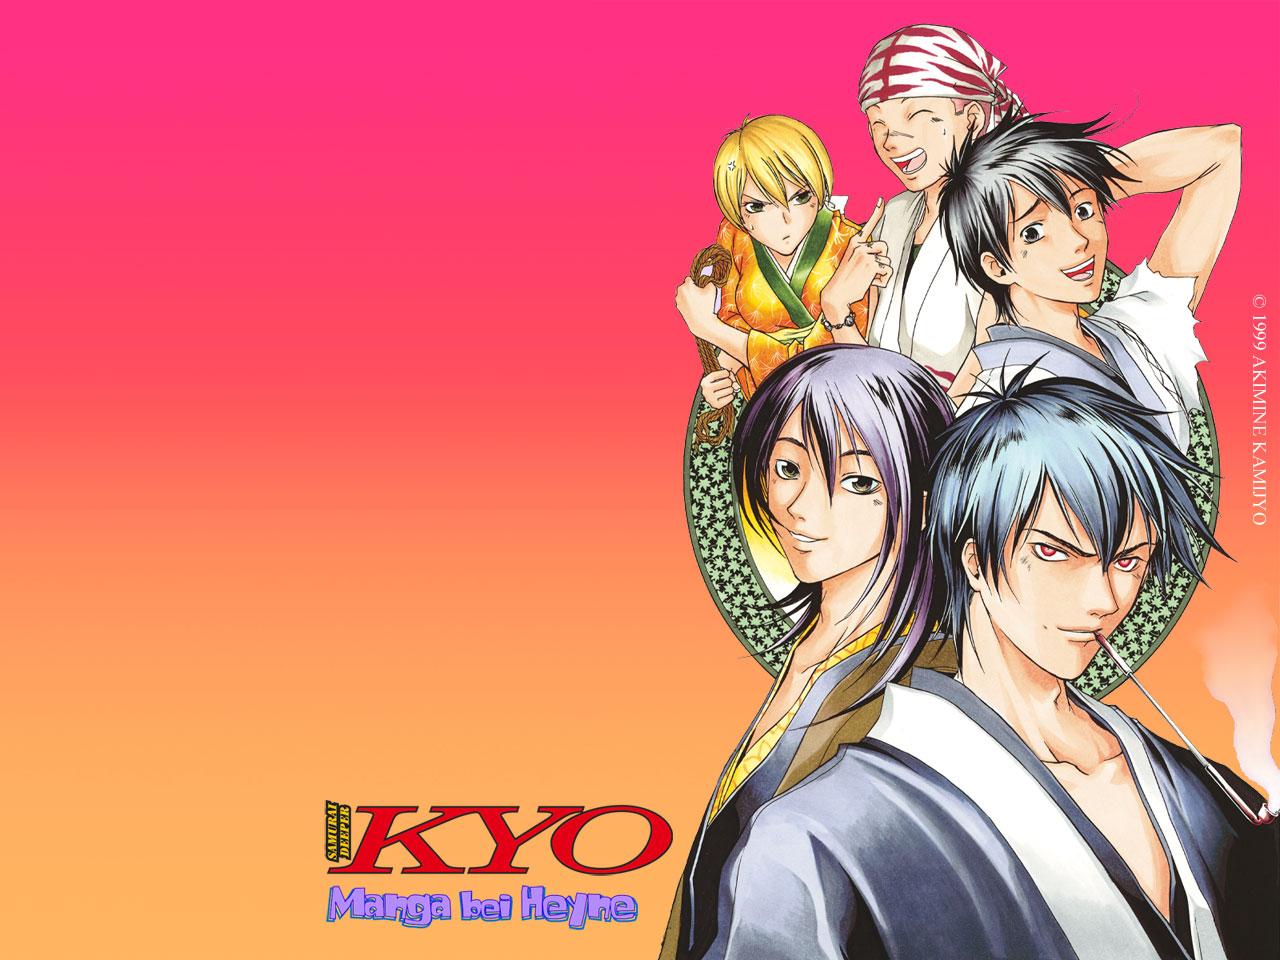 kyo1280x960.jpg